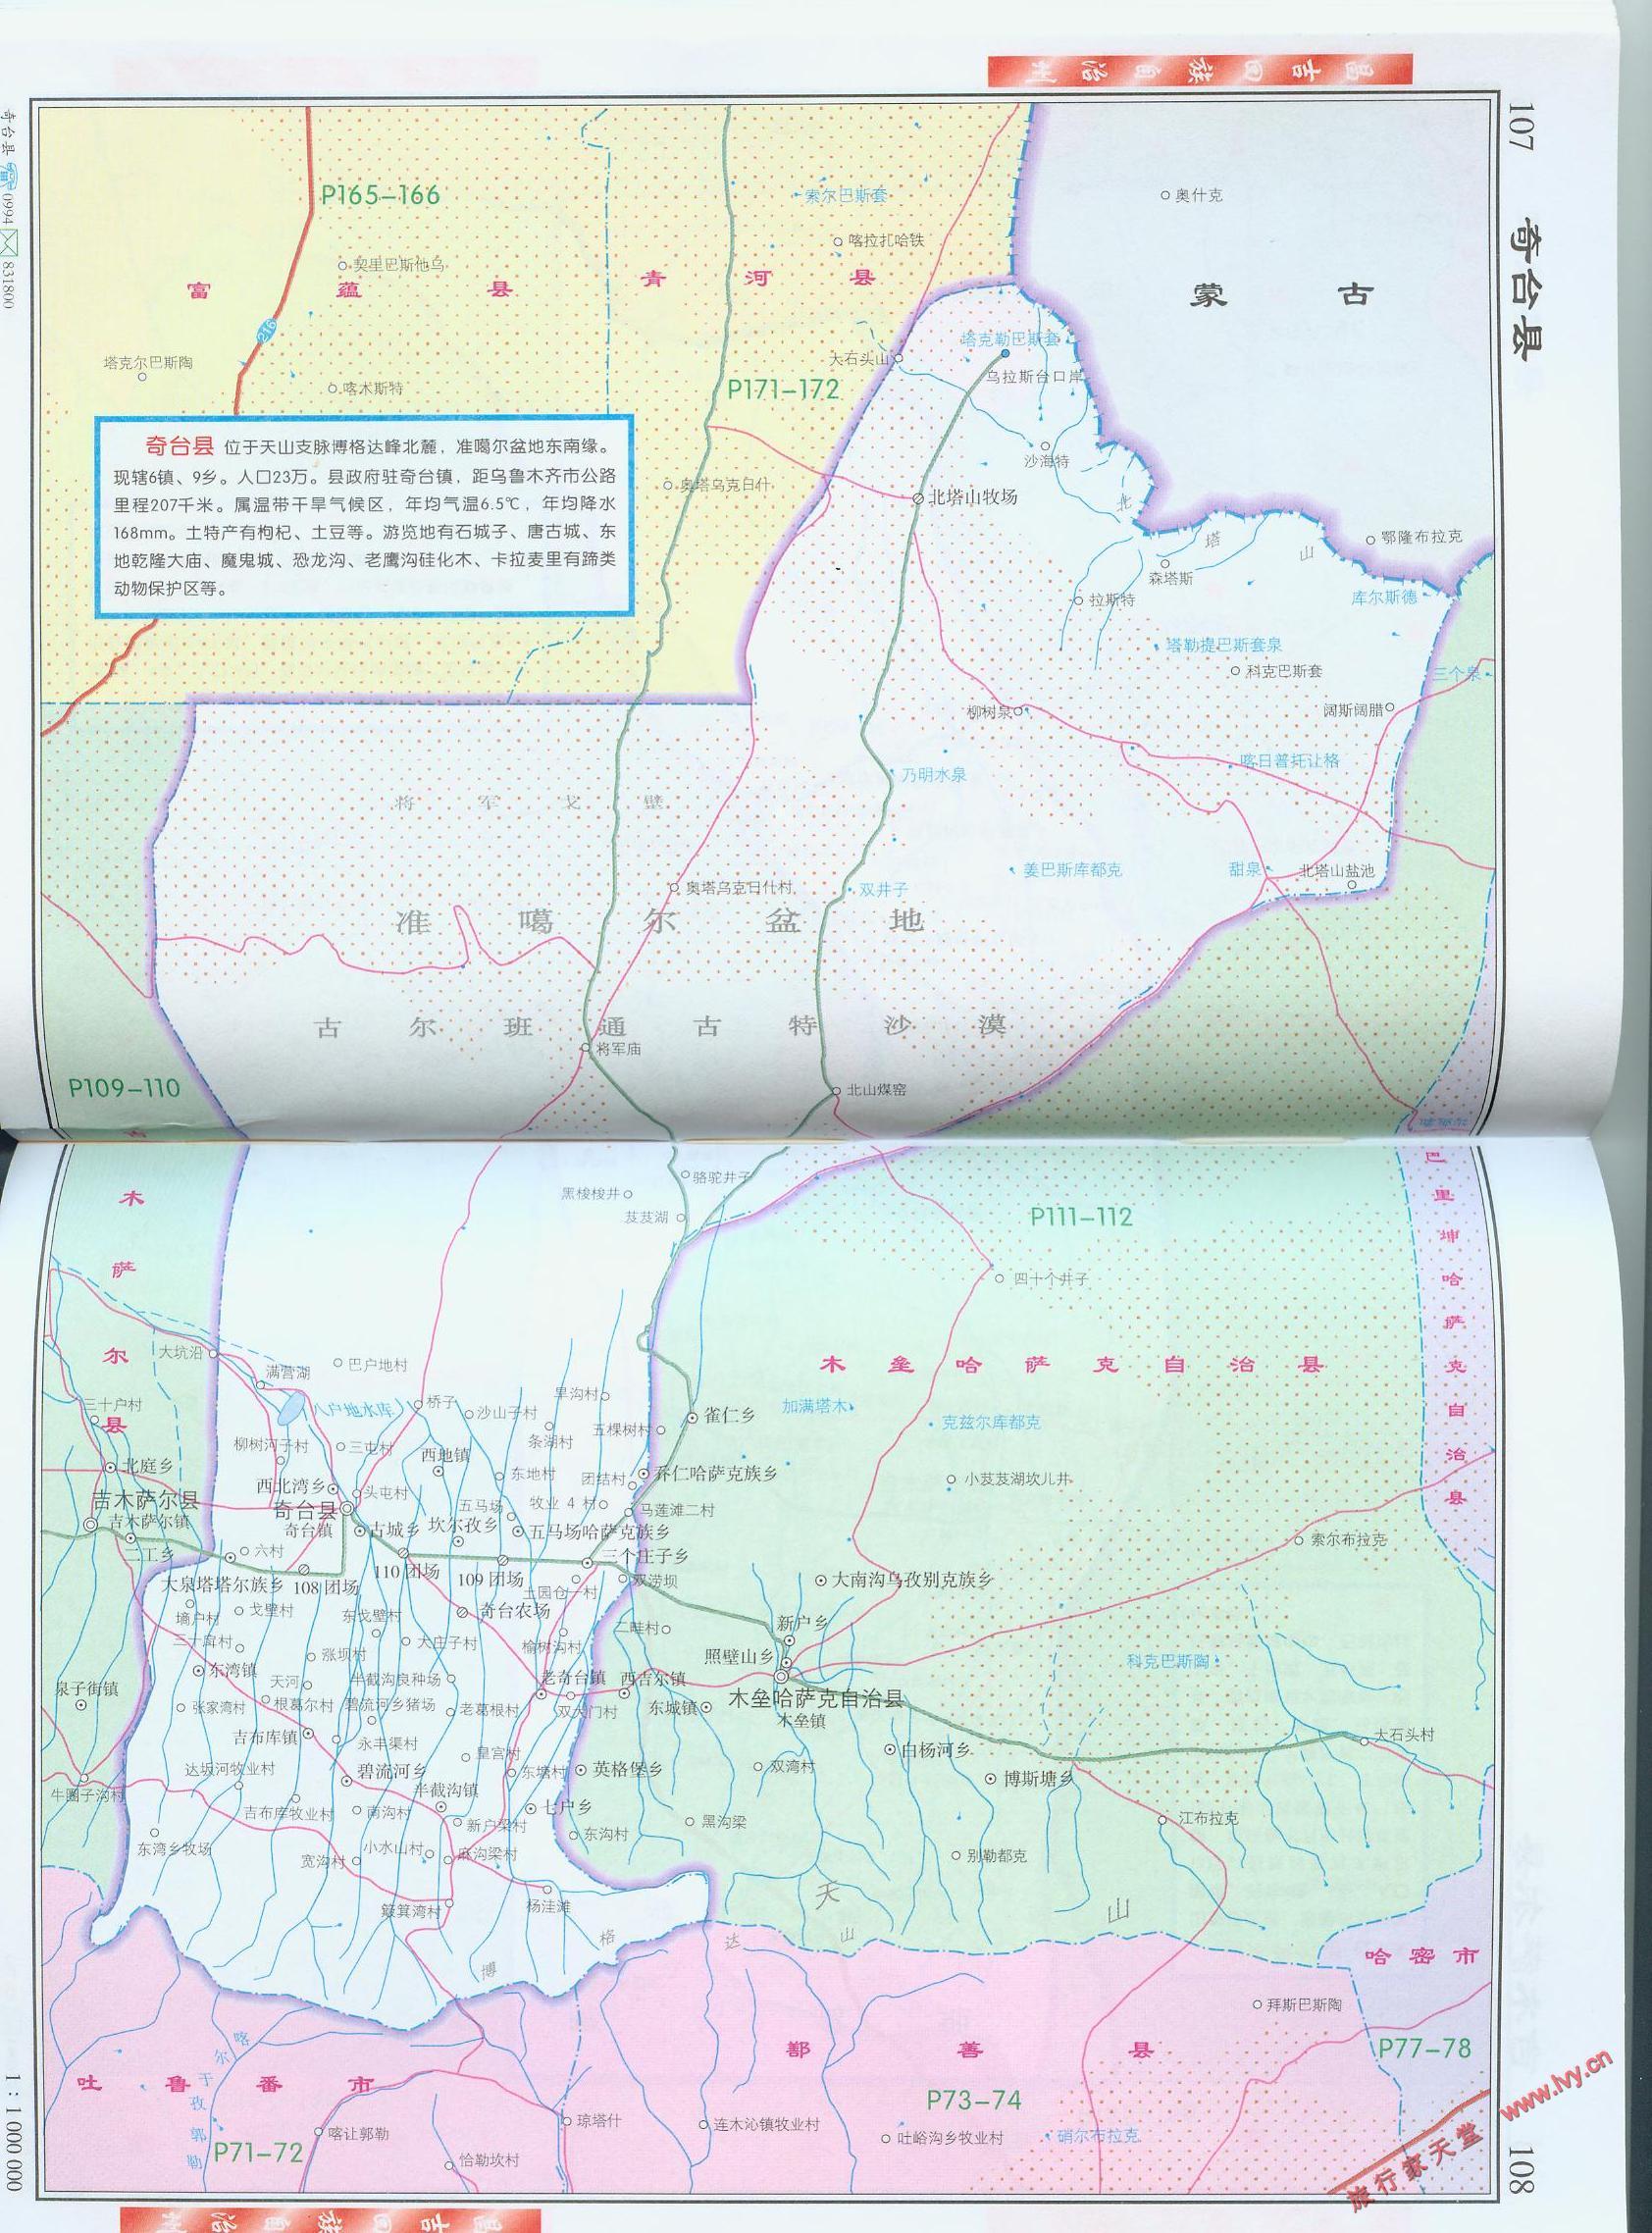 奇台县地图高清版